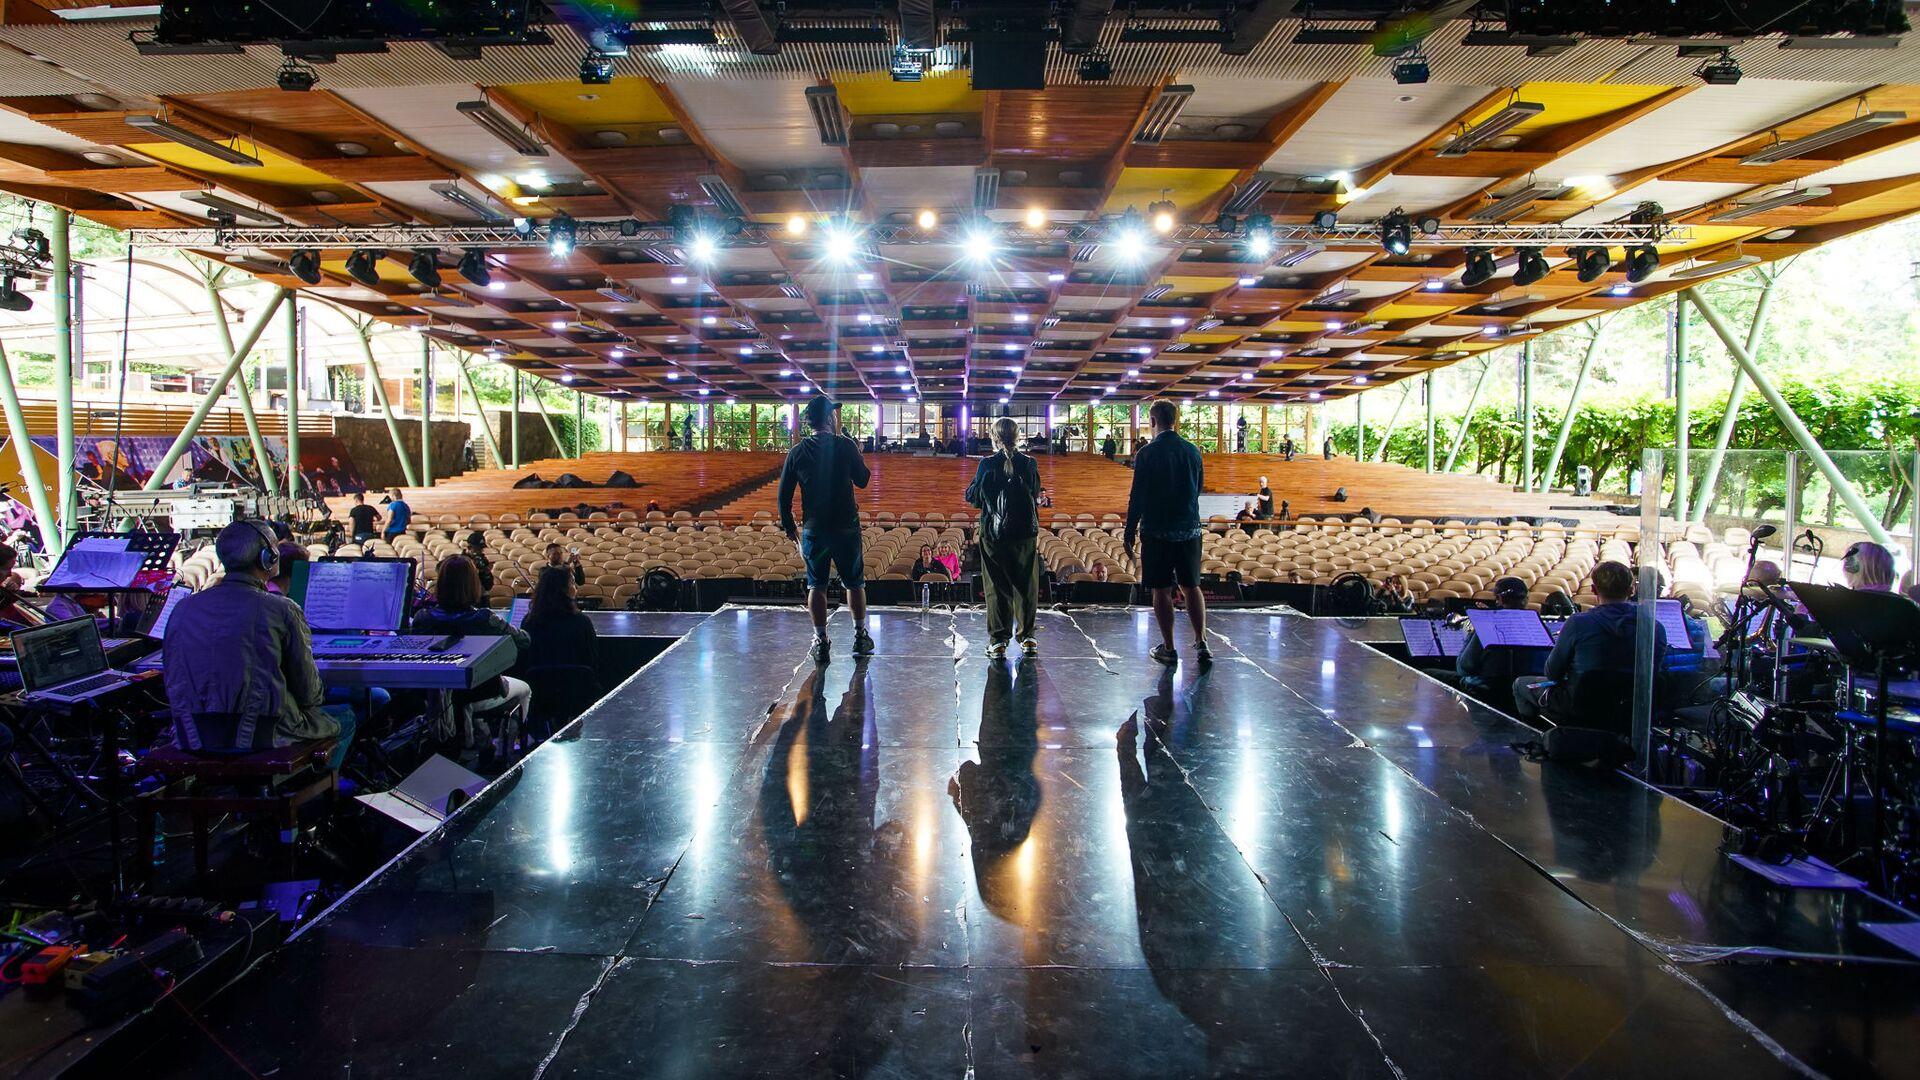 Так выглядит концертный зал Дзинтари глазами исполнителей со сцены - Sputnik Латвия, 1920, 17.07.2021